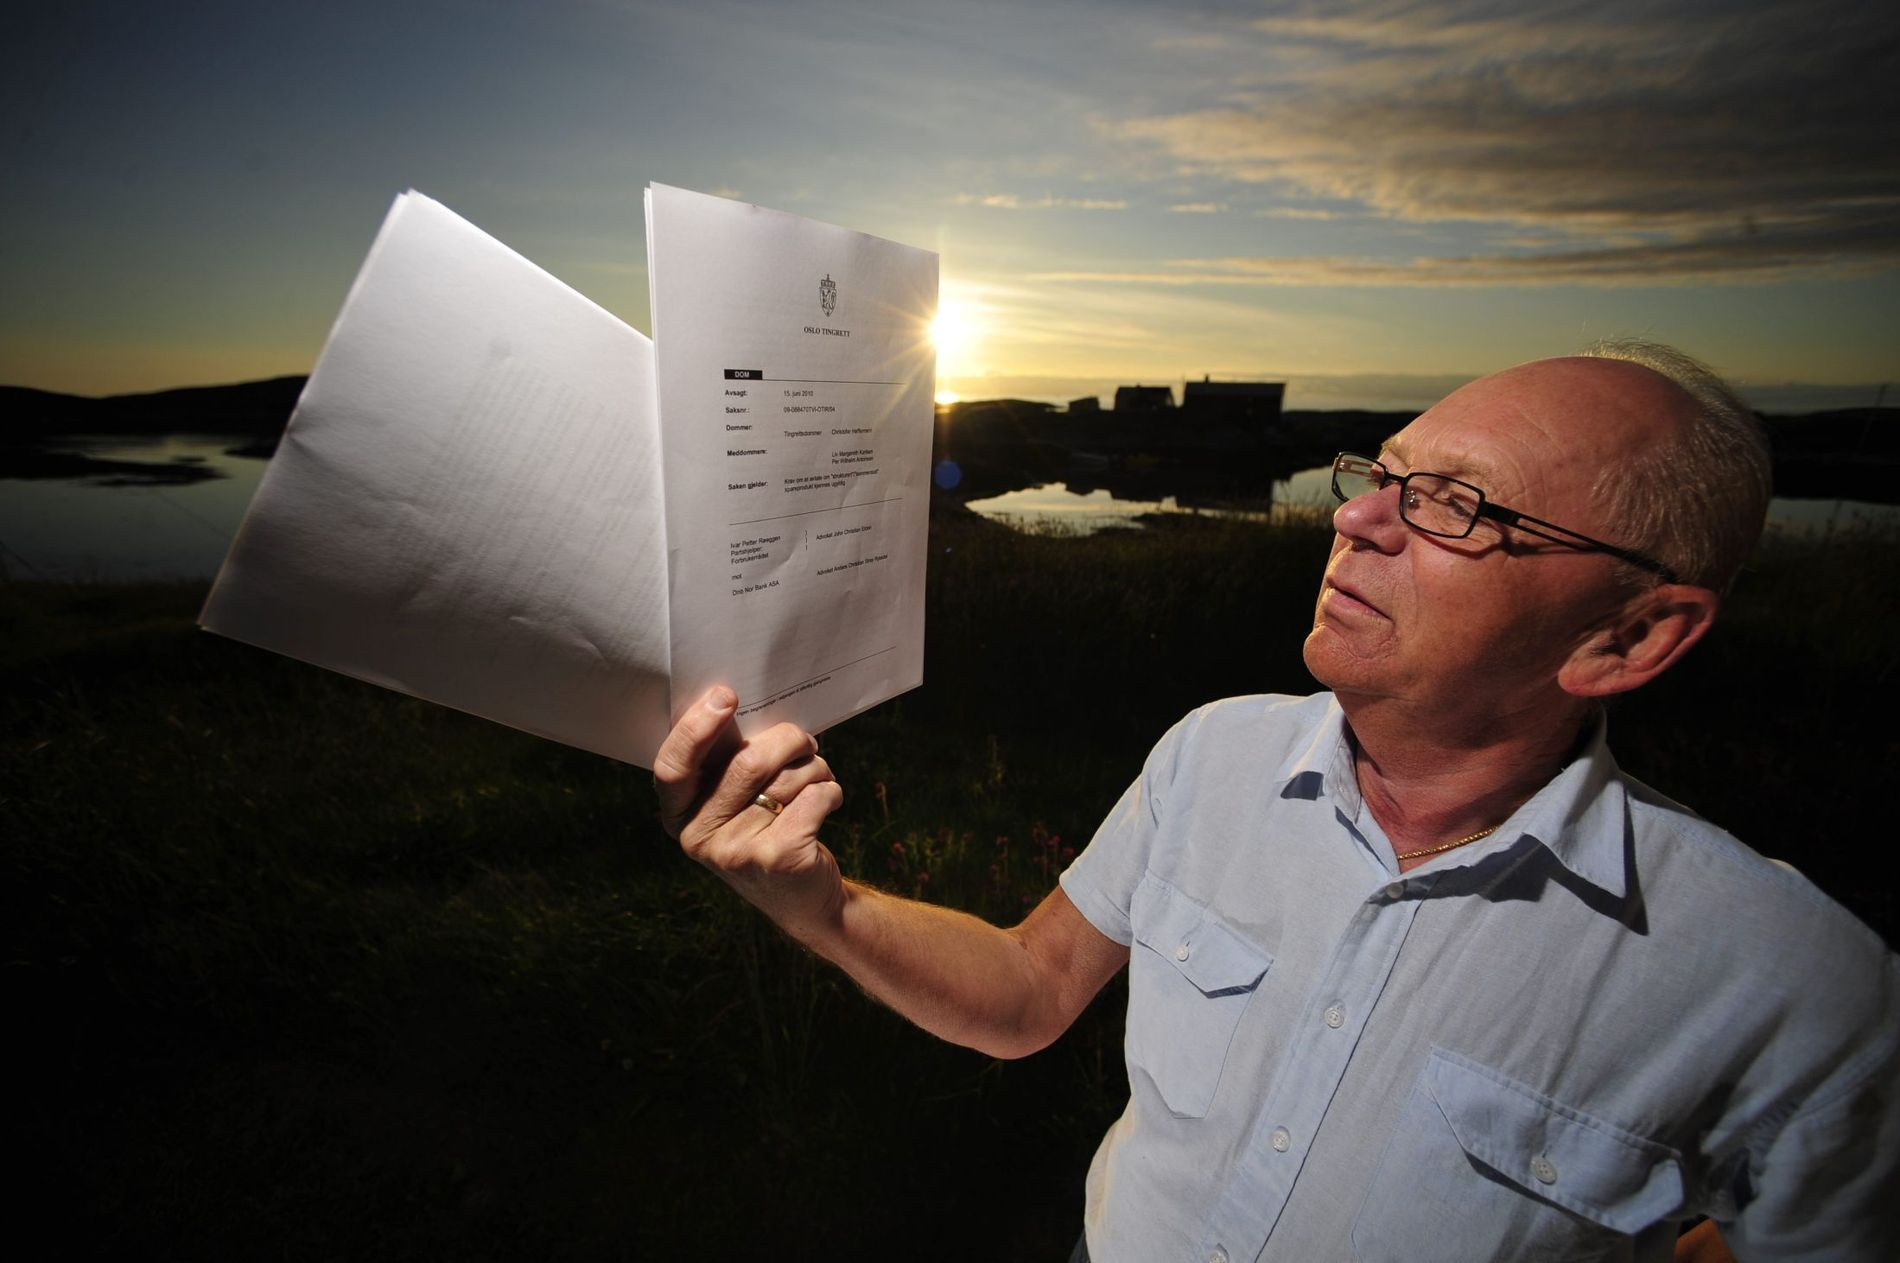 DNB vs. BANKKUNDE: Hvis Høyesterett dømmer i Ivar Petter Røeggen favør, kan norske småsparere få utbetalt store summer. Da kan lignende saker klages inn for Bankklagenemnda.